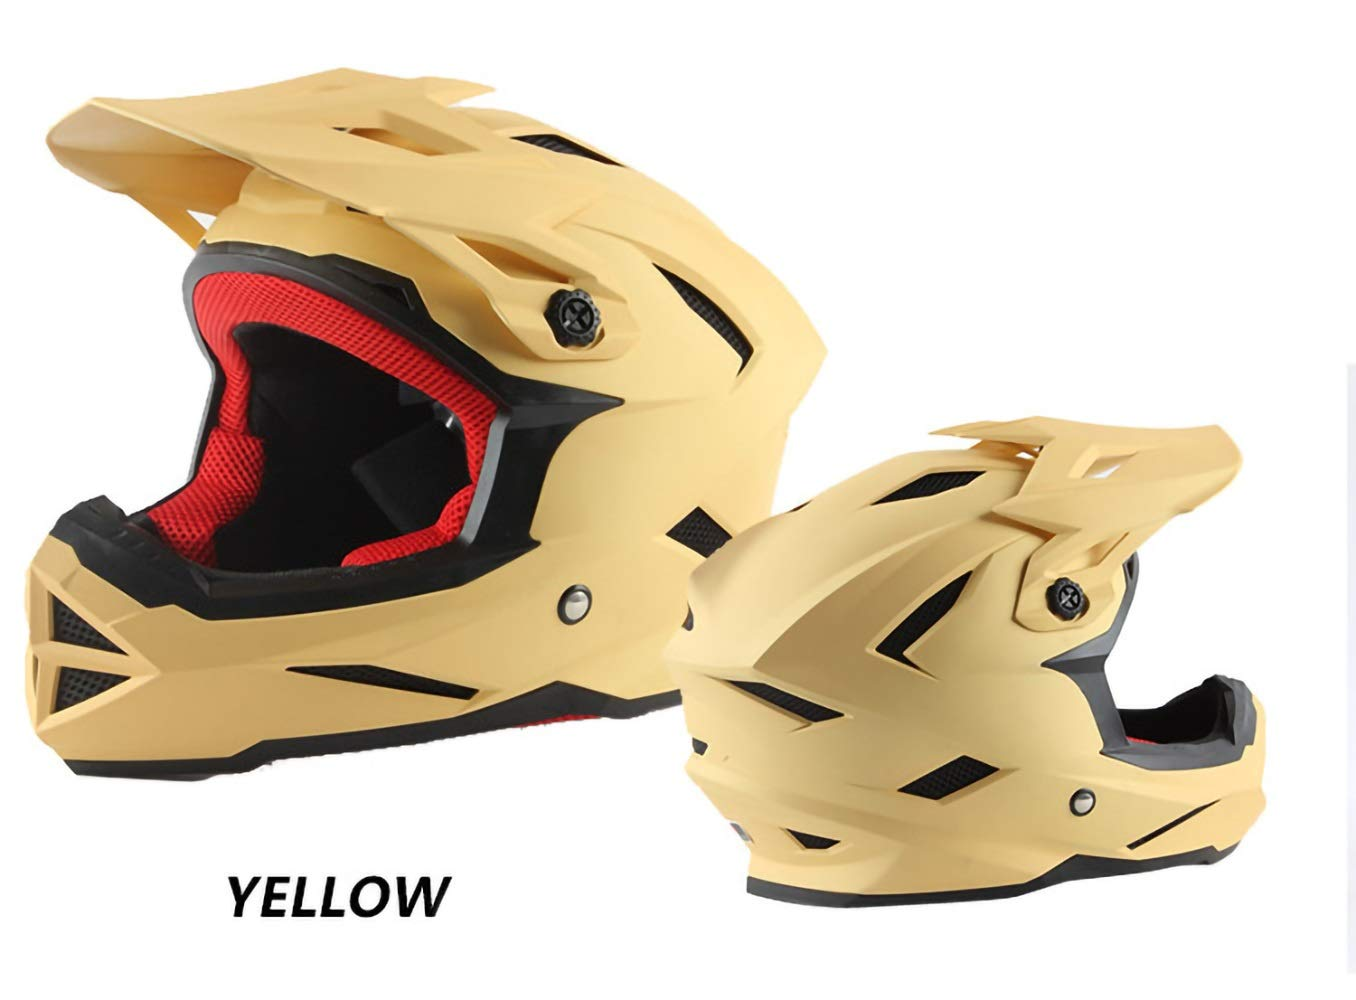 幼児用ヘルメット キッズバイクヘルメット - 幼児から青少年サイズ、3歳から7歳まで調整可能 - 楽しいレーシングデザインの丈夫な子供用自転車ヘルメット男の子と女の子は大好き - CSPCは安全のために認定 (Color : Pattern-02)   B07Q6BNKF4